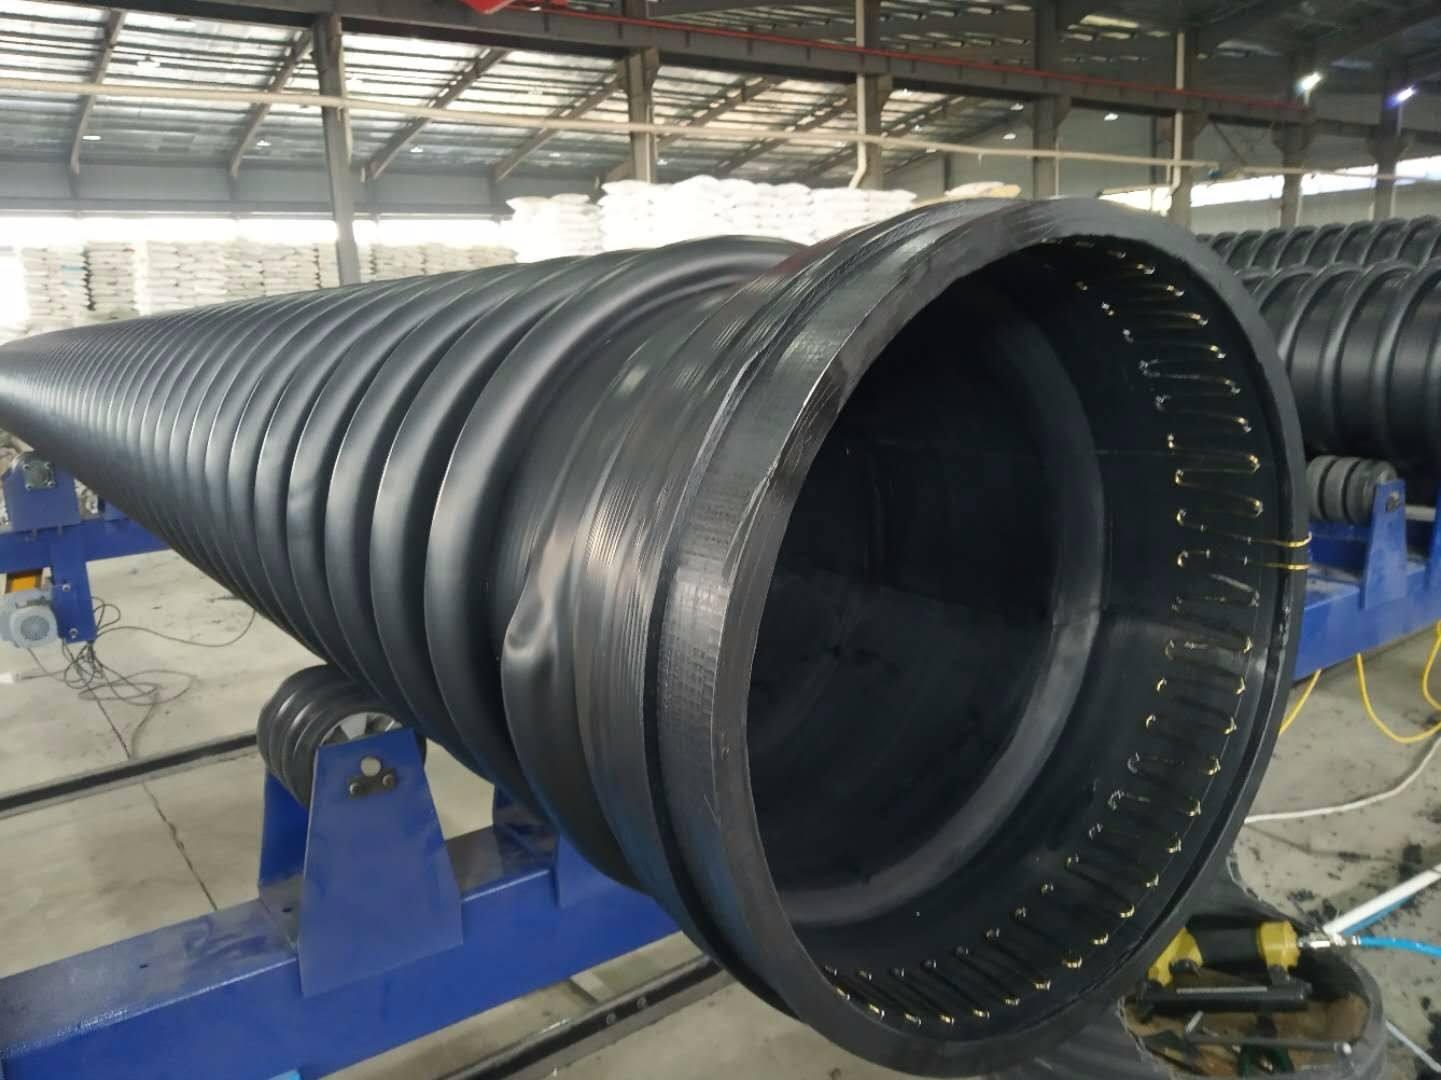 HDPE缠绕结构壁管始终走在排水管道行业的前列, 广东克拉管 广东内肋管 广东钢丝网骨架管